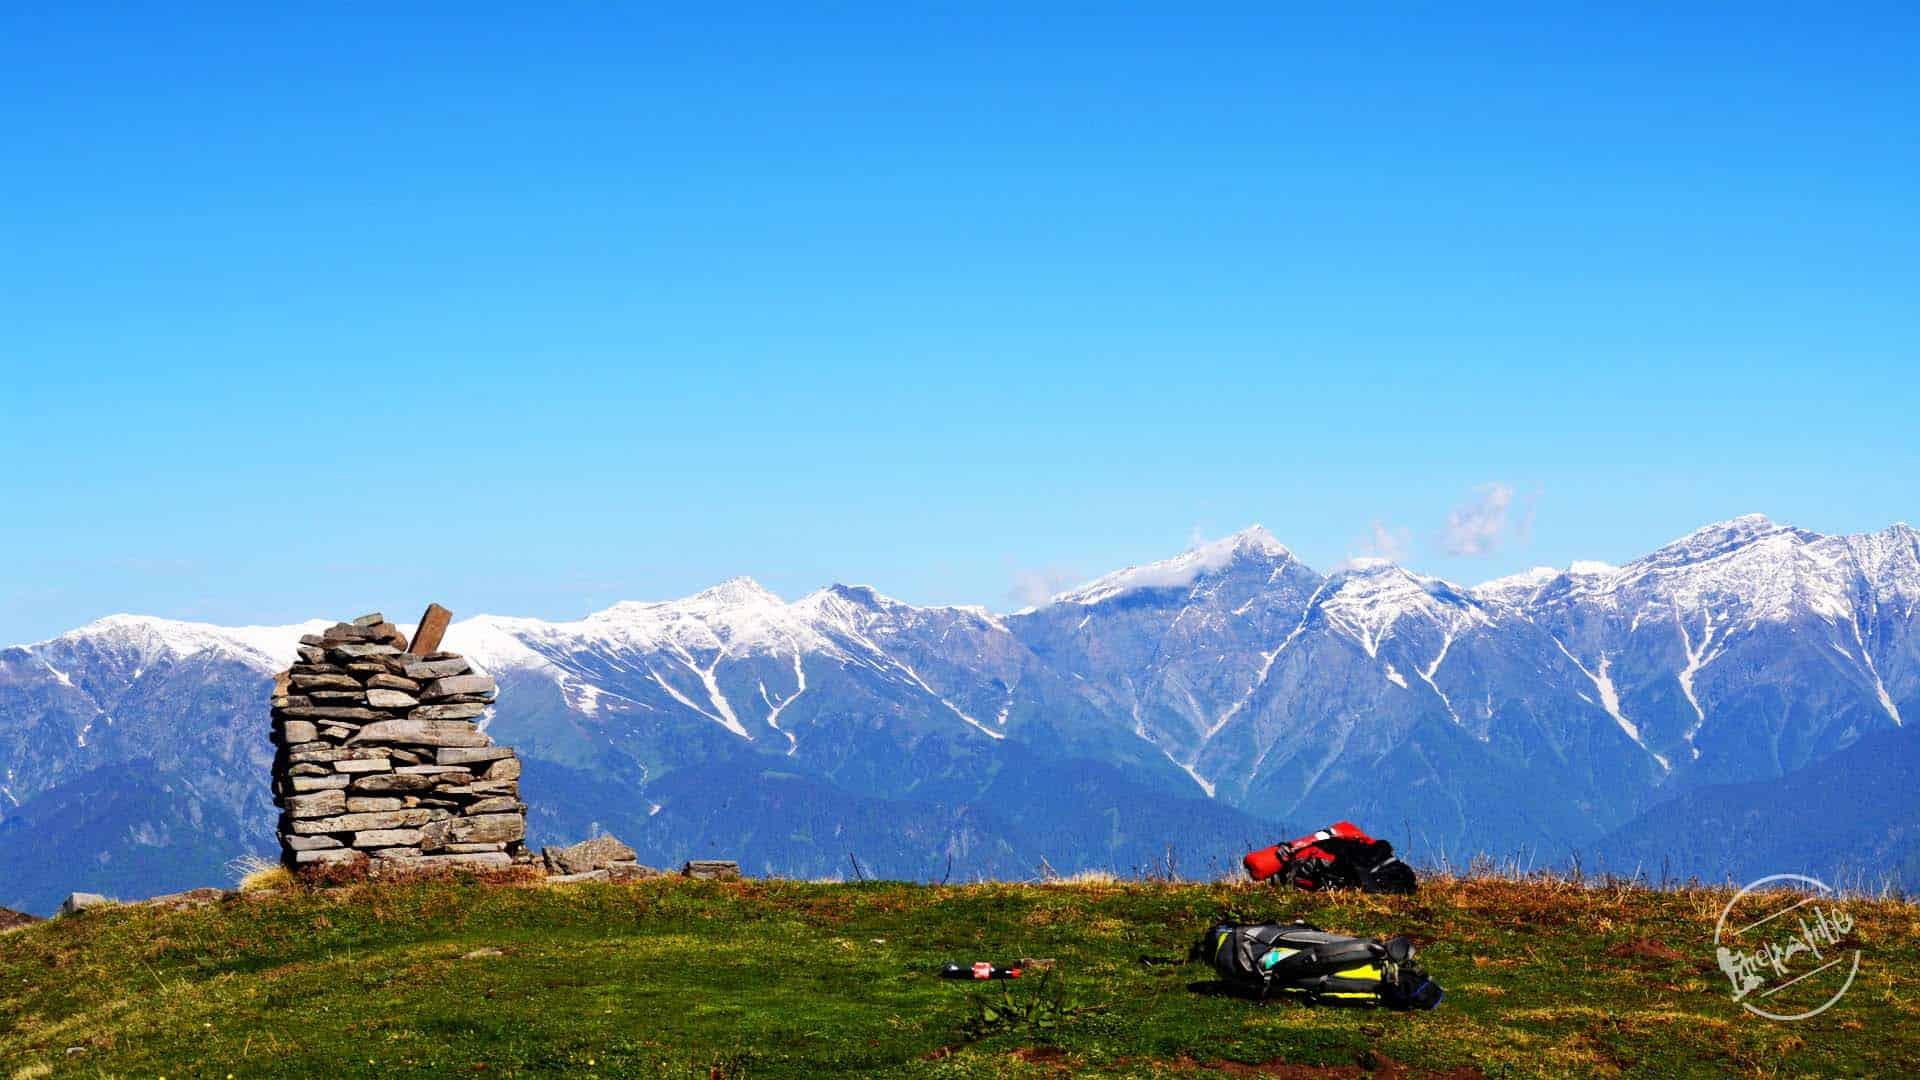 Chandrakhani pass Trekking - Pir Panjal Range